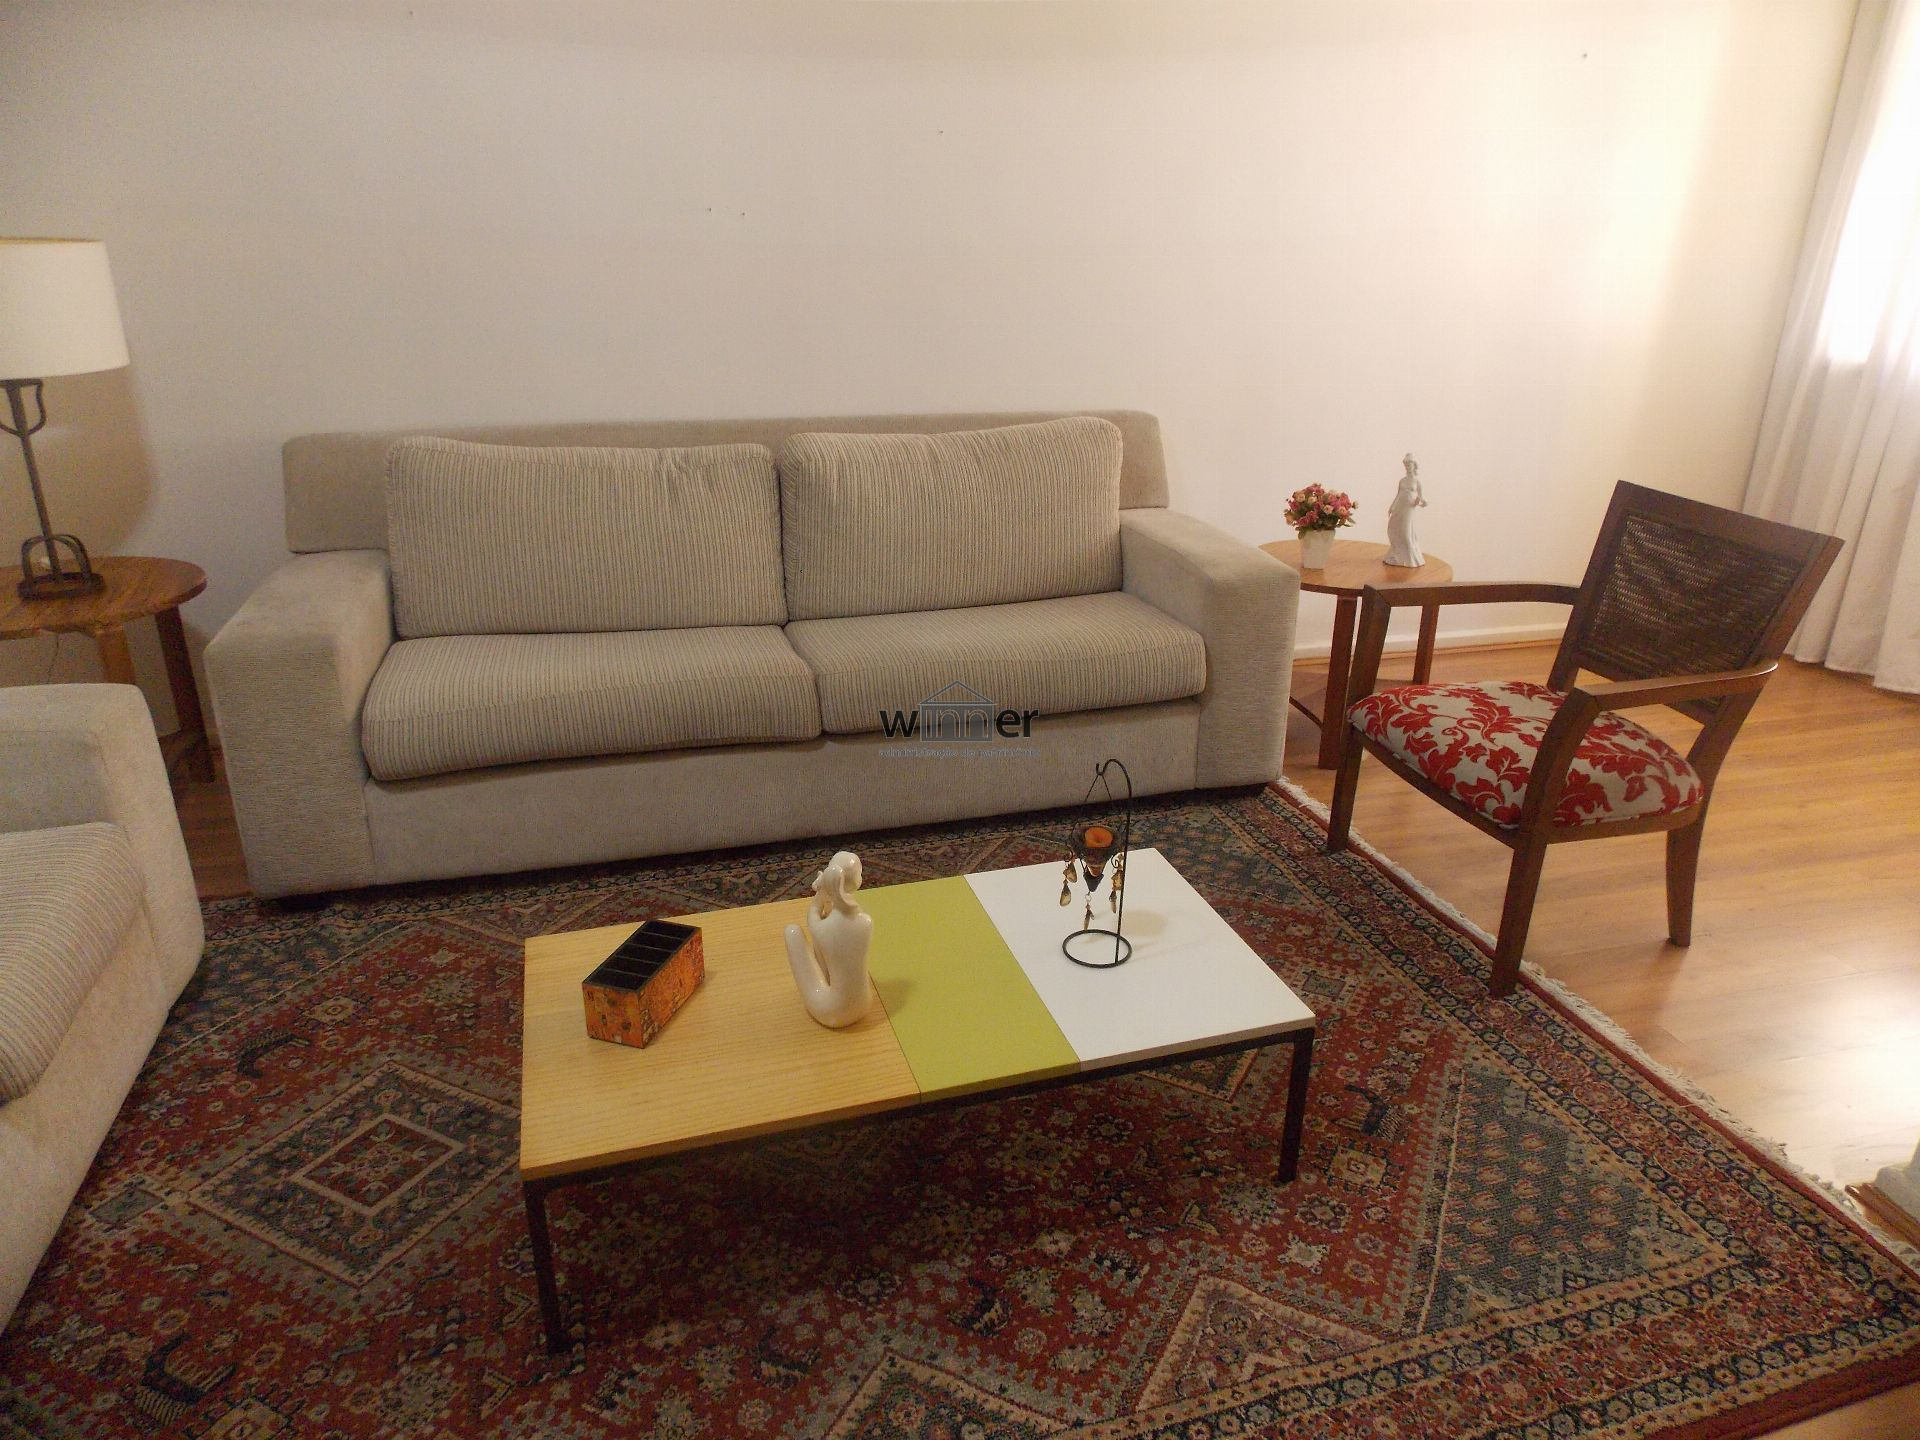 Apartamento para alugar , Santa Teresa, Rio de Janeiro, RJ - 0993-002 - 2